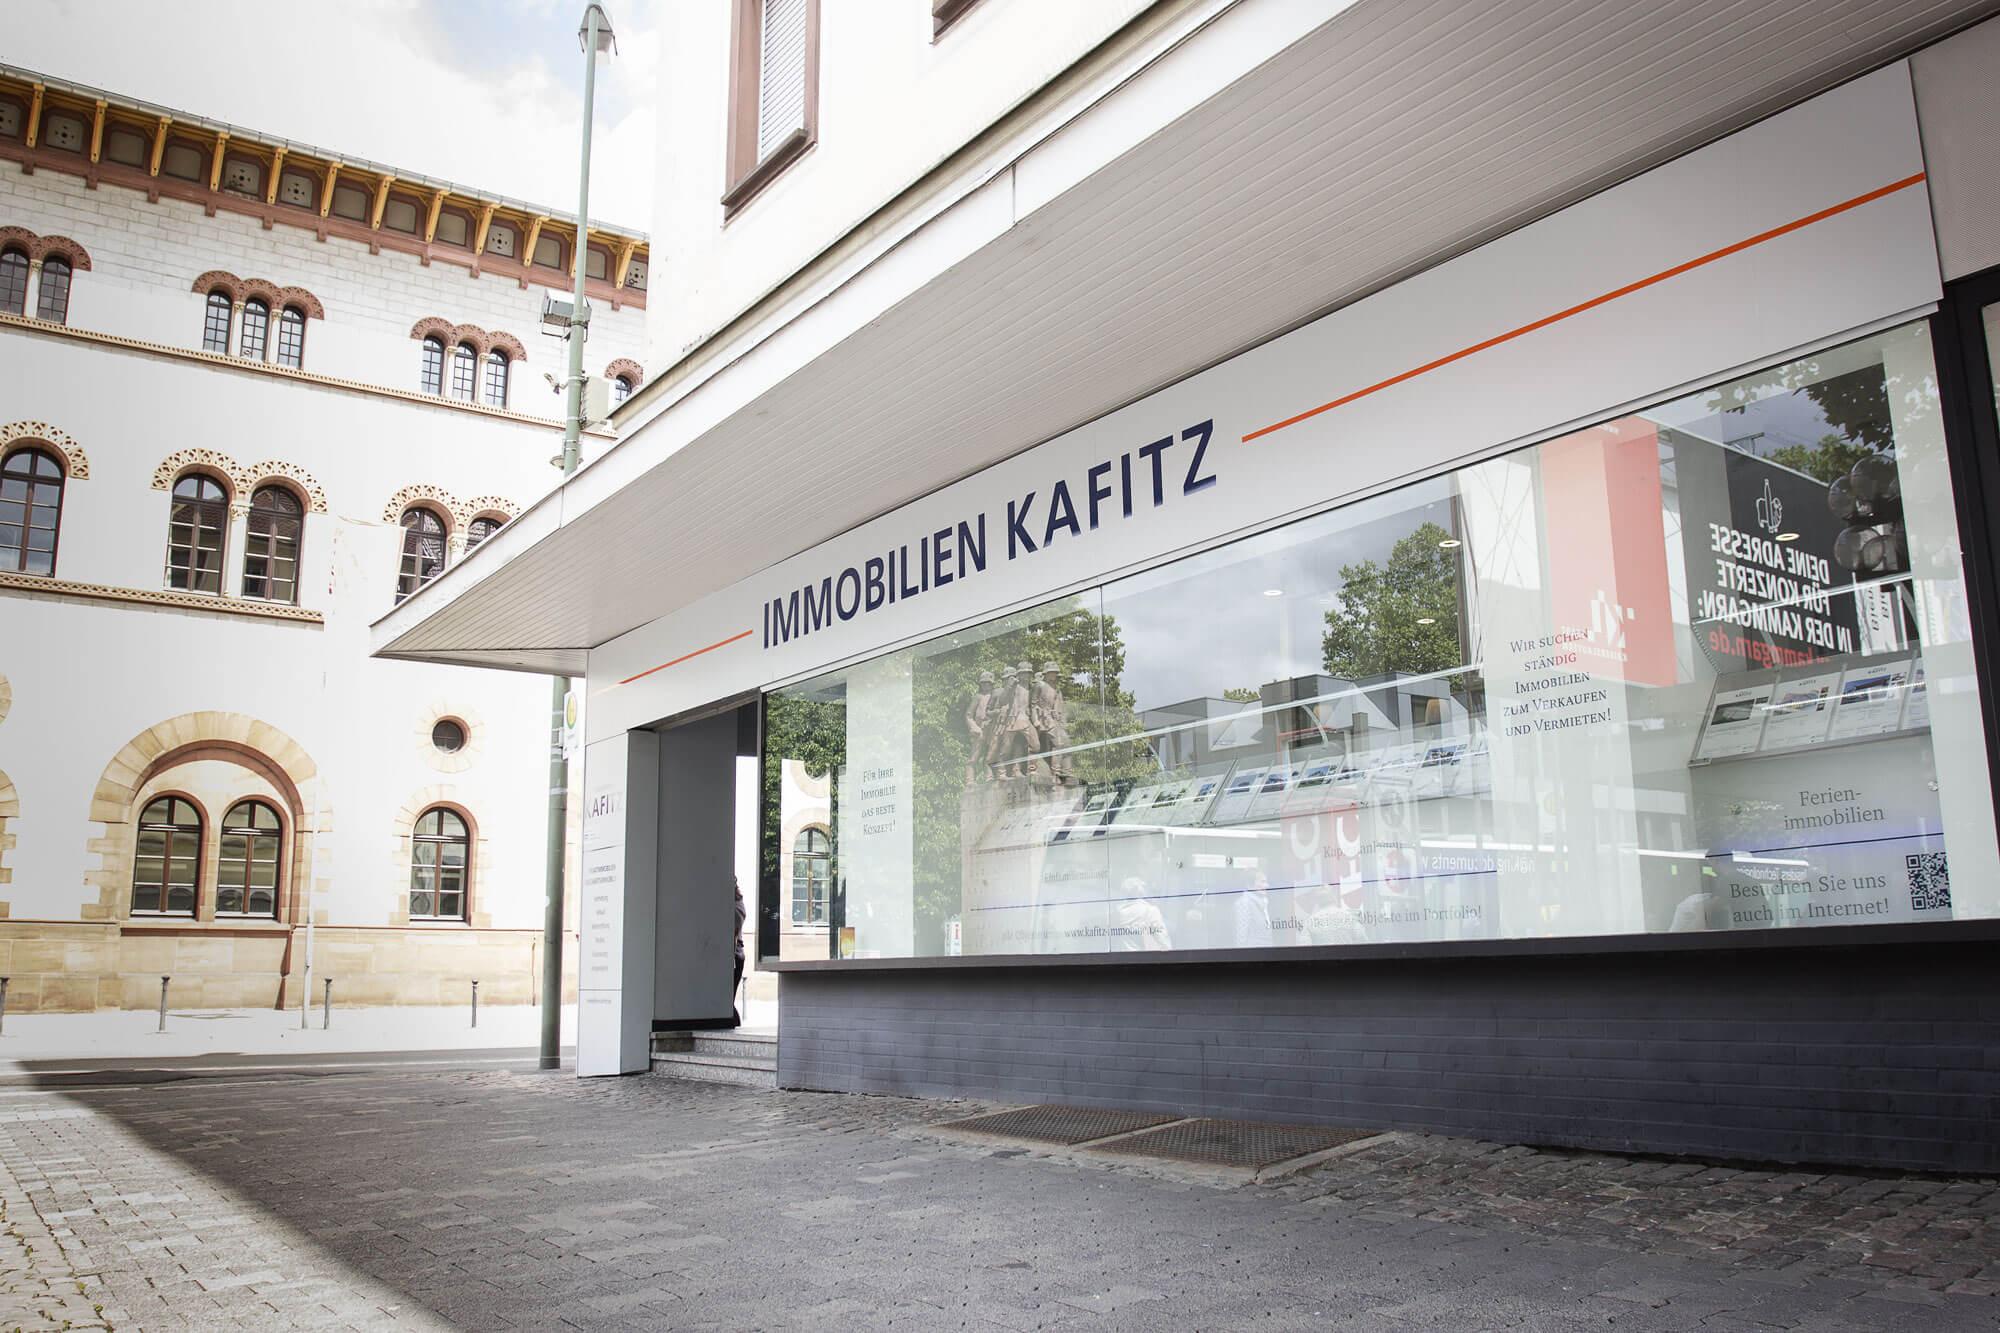 Kafitz Kaiserslautern